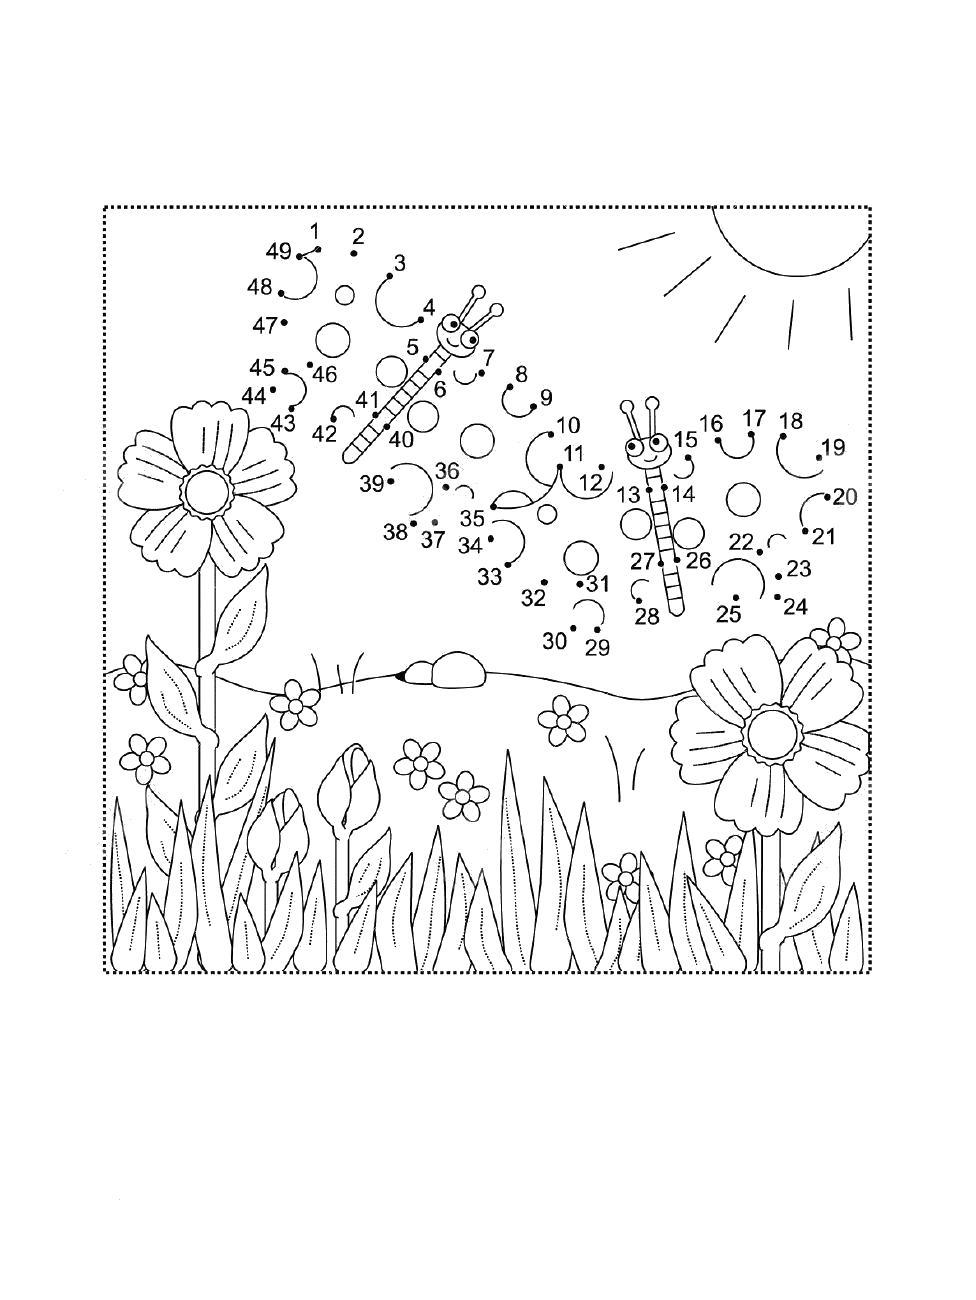 Трава на лужайке с цветами соедини по цифрам и раскрась Раскраски с цветами распечатать бесплатно